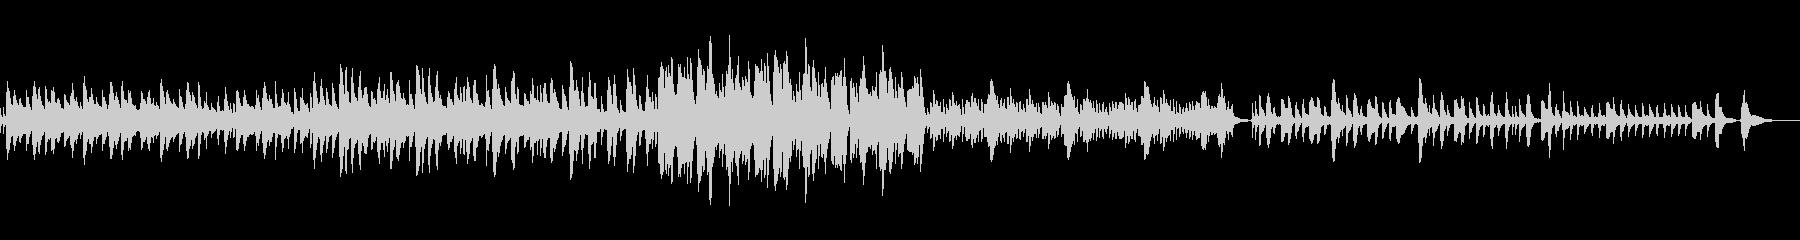 ハープの優しい音色の曲の未再生の波形